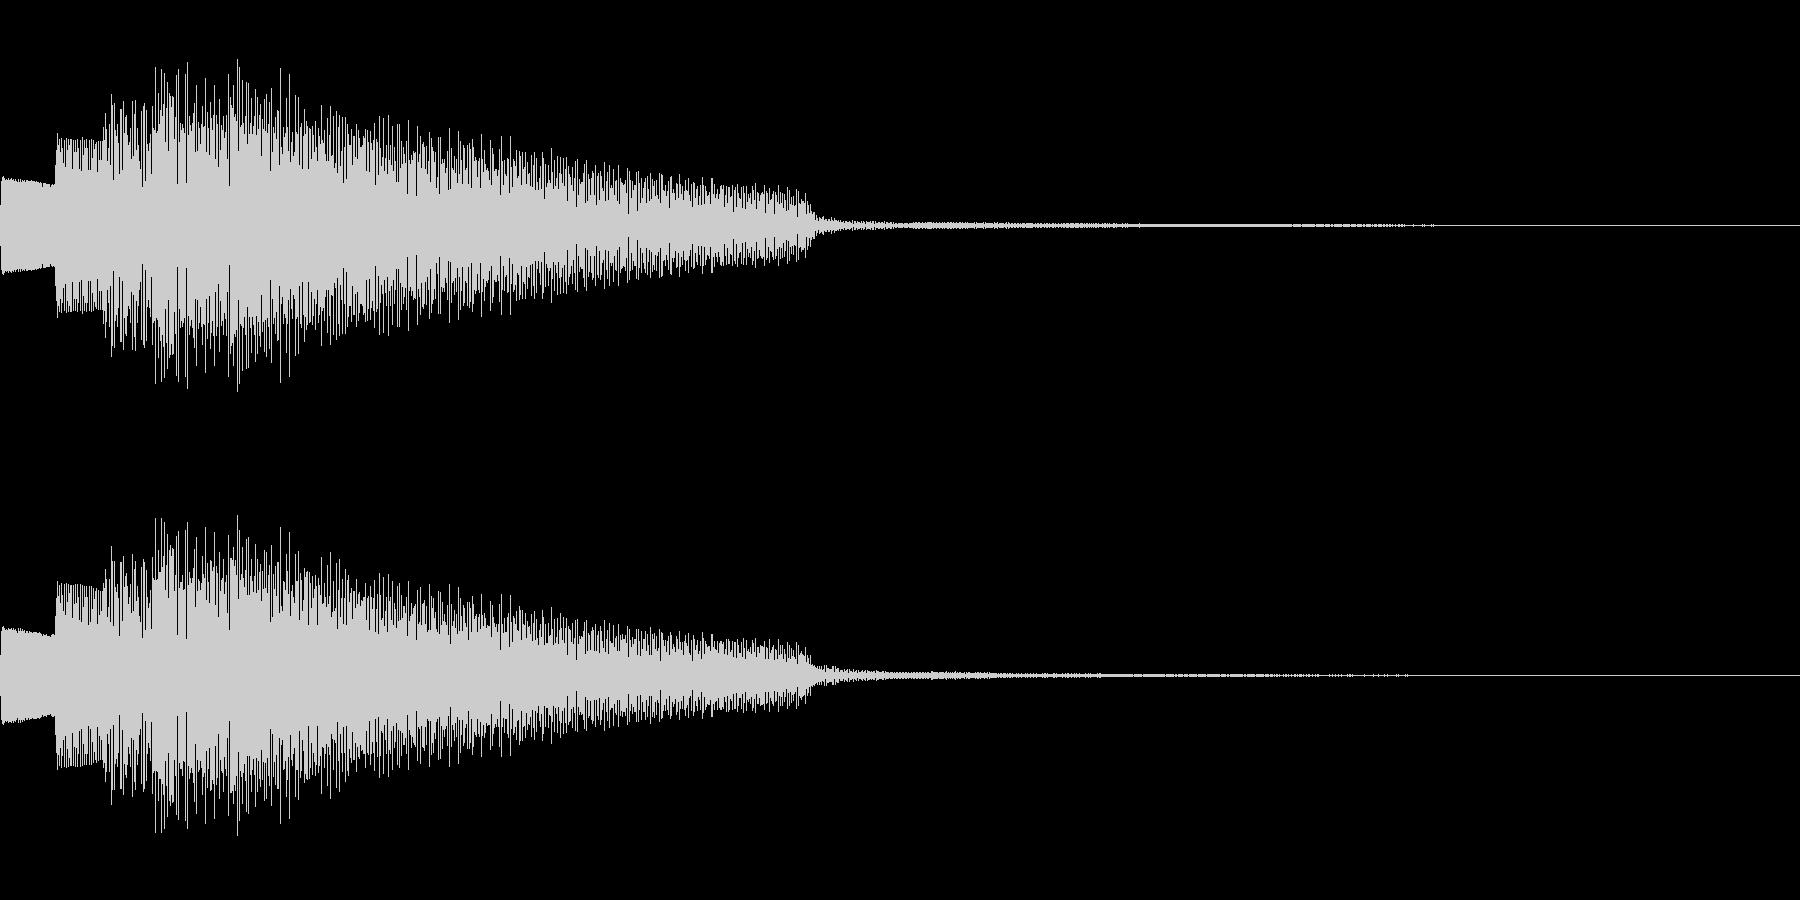 楽器 エレピ アルペジオ ボタンの未再生の波形